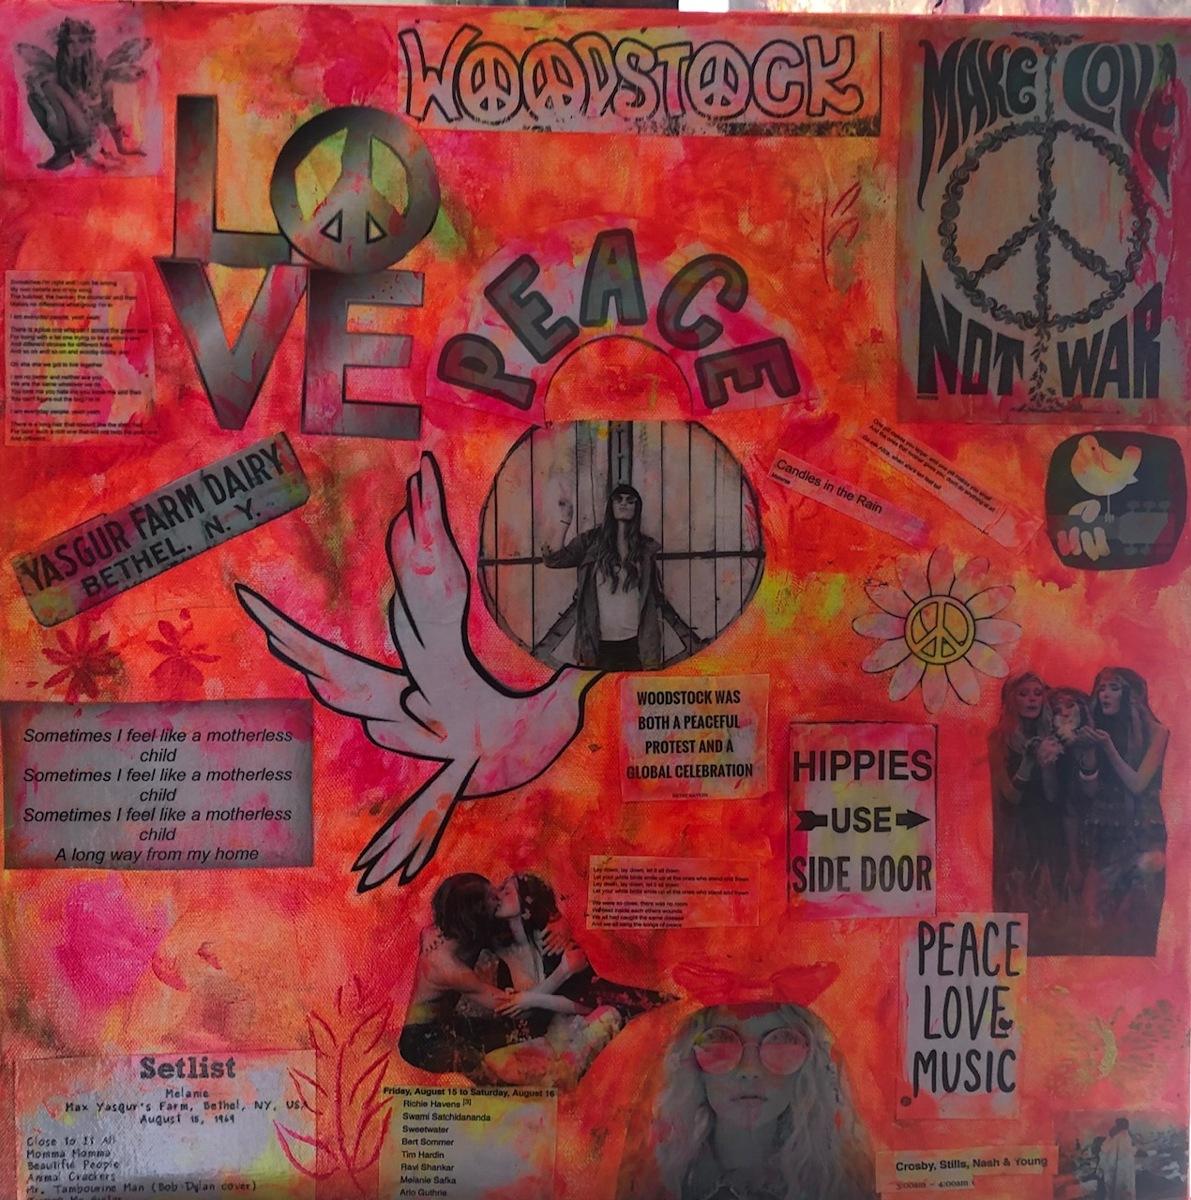 Make love not war (large view)